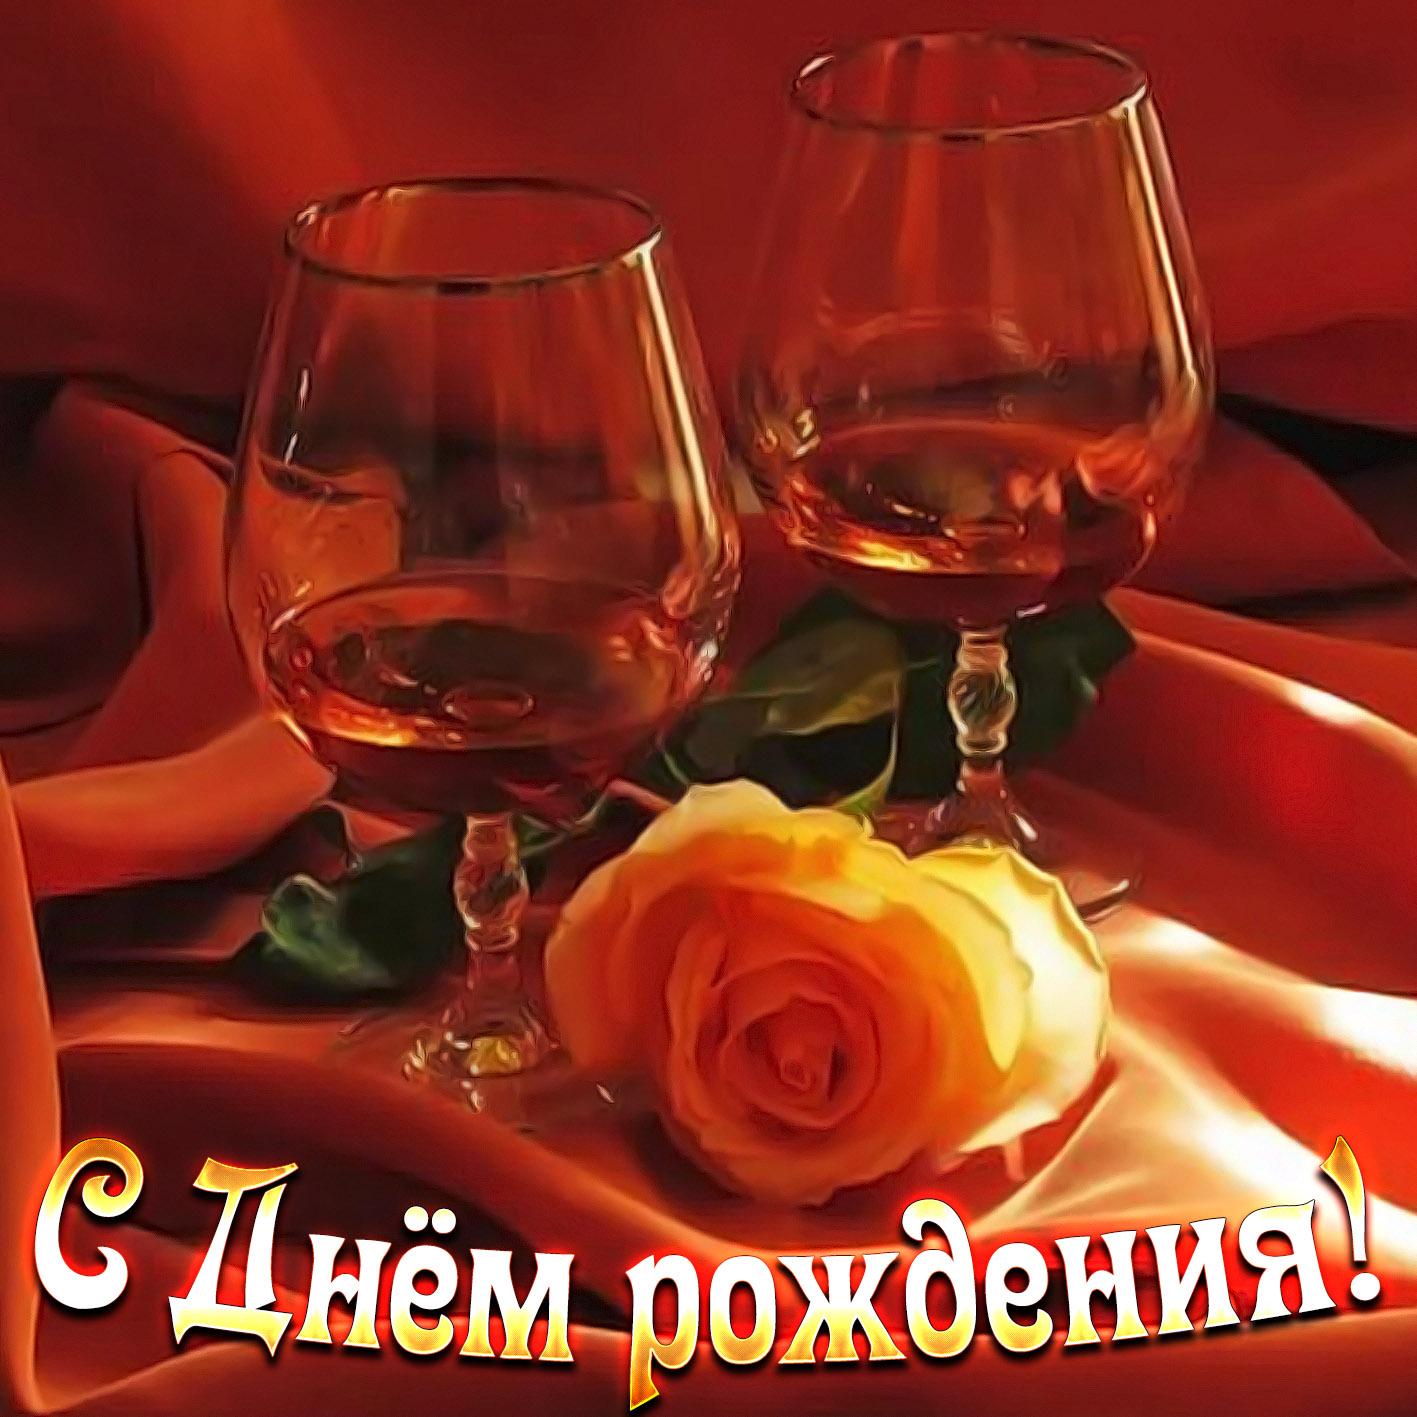 Открытка на День рождения - бокалы и роза в красивом оформлении